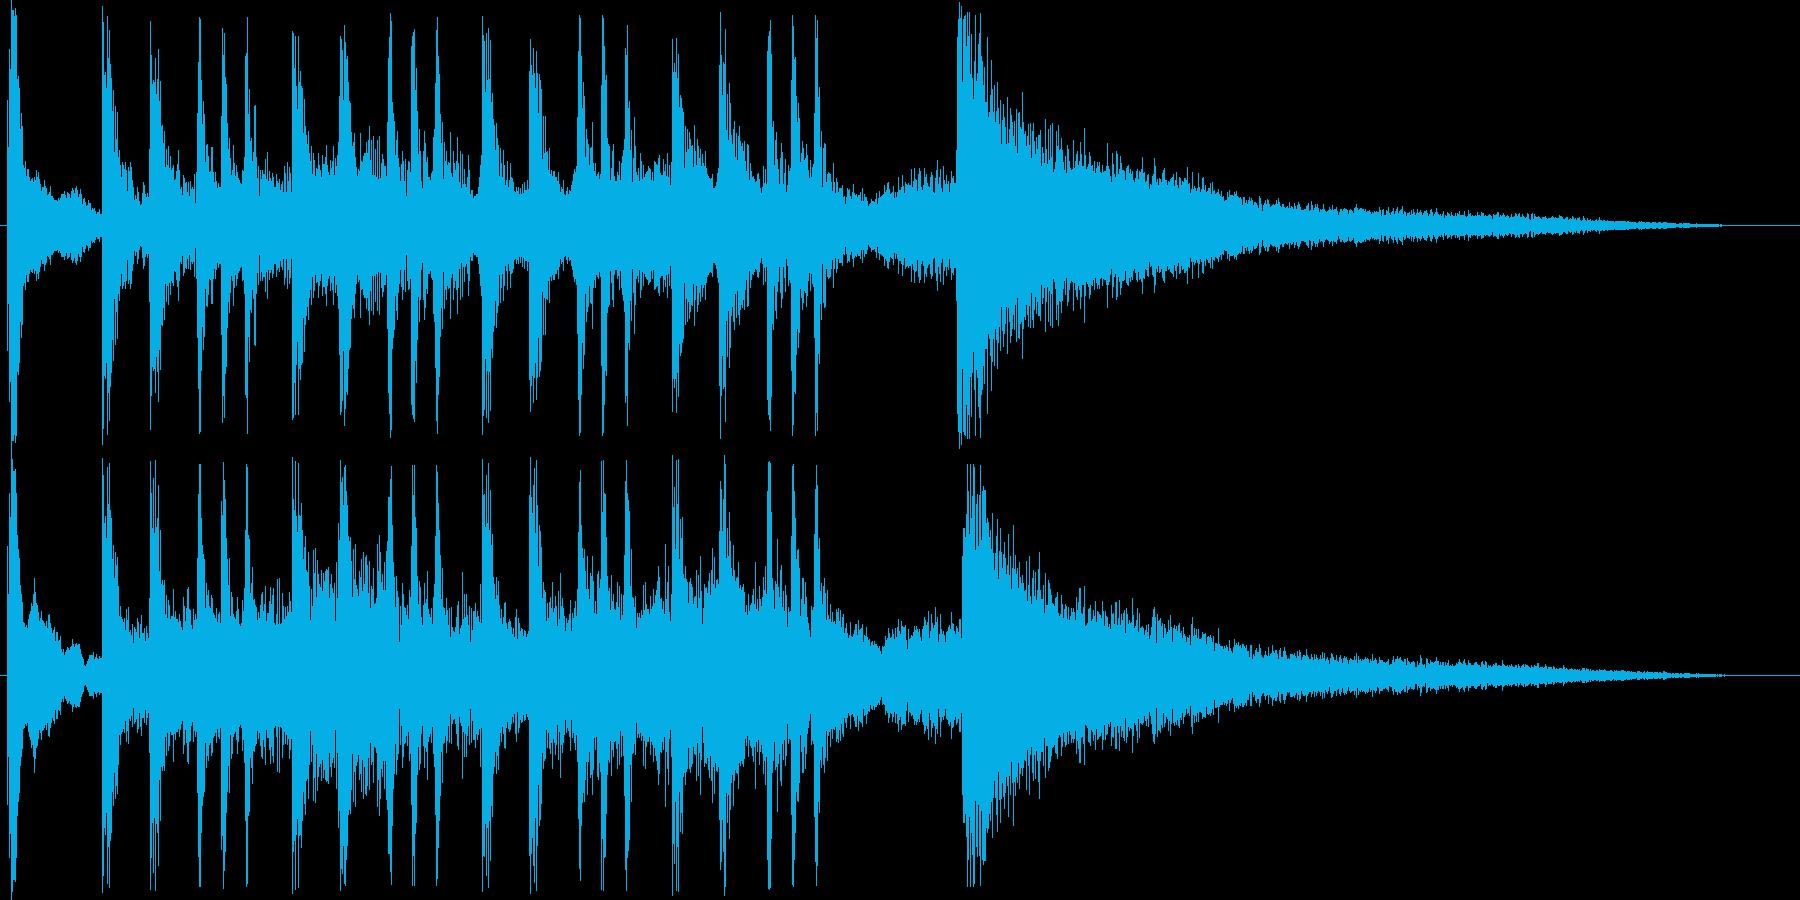 恐怖感があるオーケストラシンセの再生済みの波形